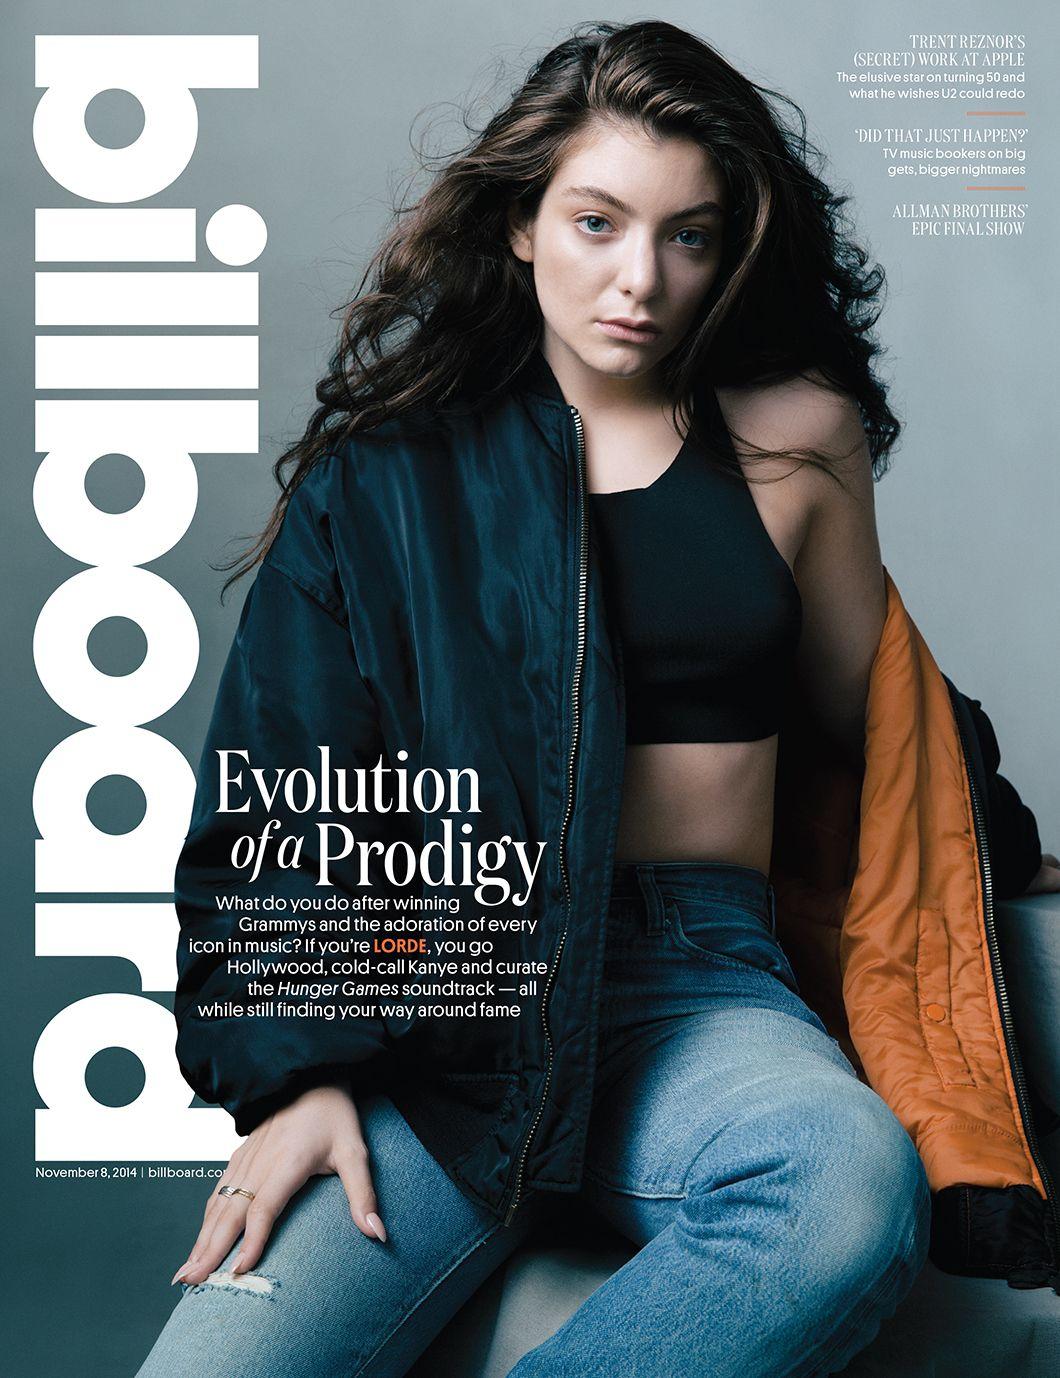 Billboard (New York, NY, USA)